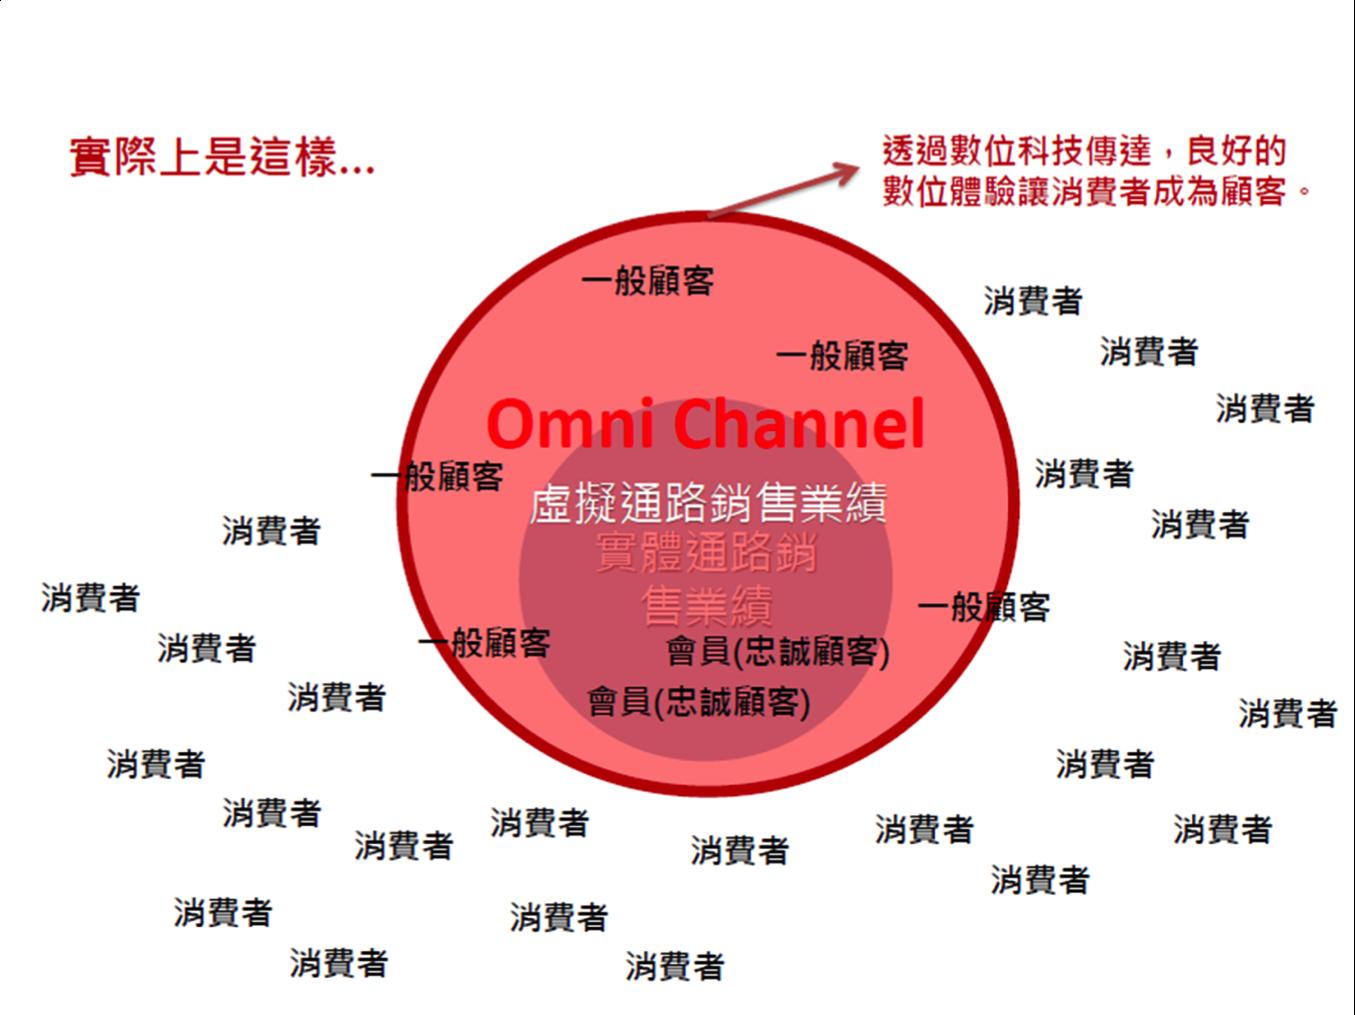 虛實整合上的戰略與佈局 by 燦坤3C 營運長 陳顯立|dcplus 數位行銷實戰家